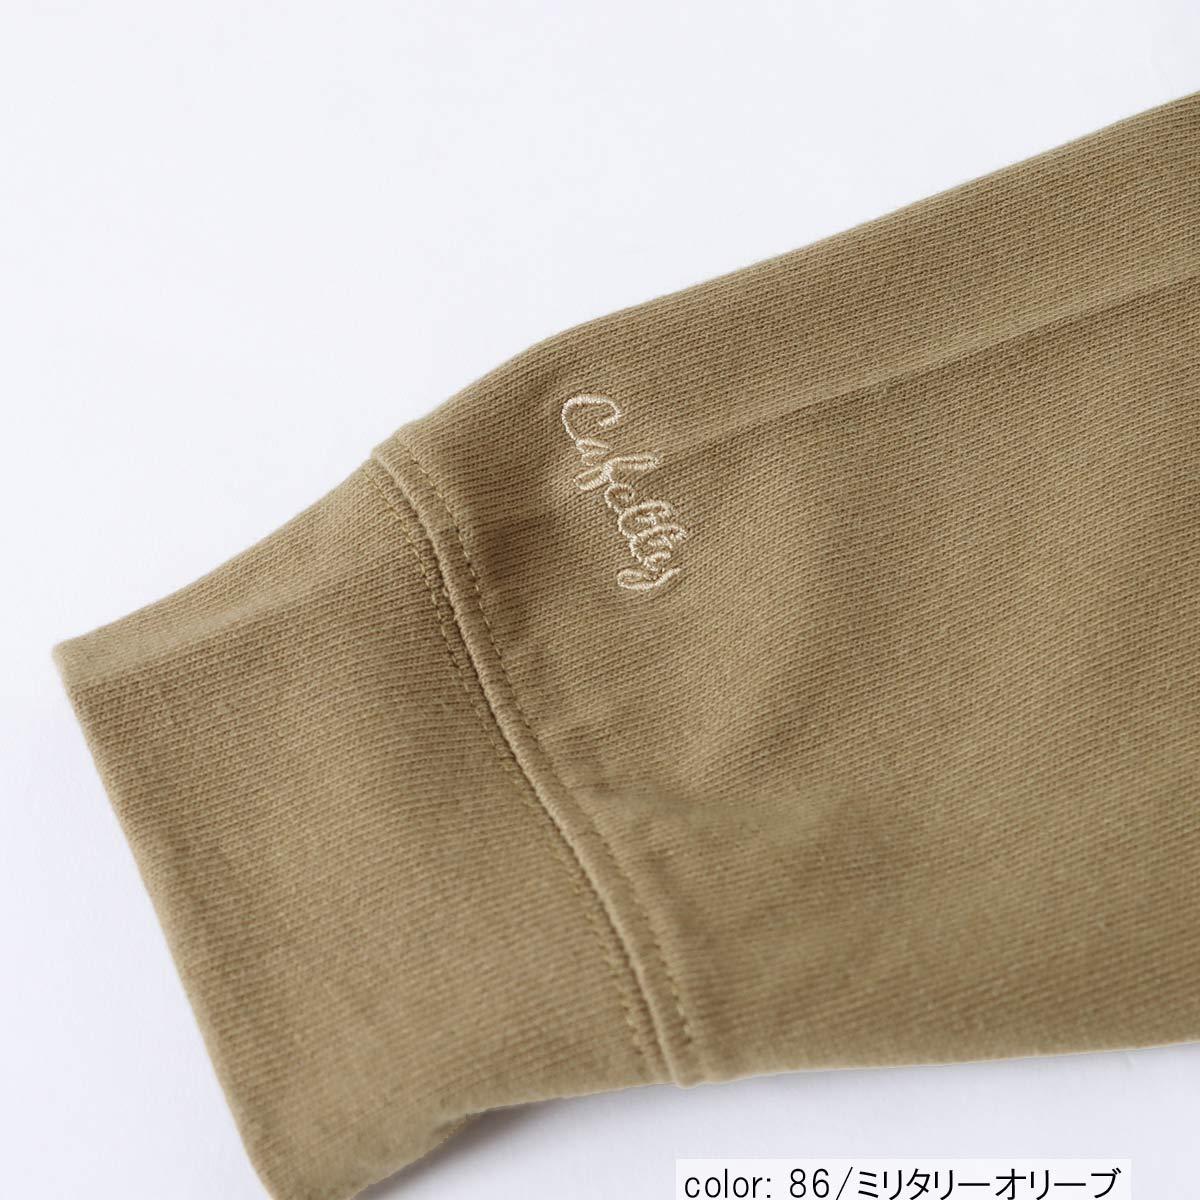 ドロストナガソデP/O CF6052